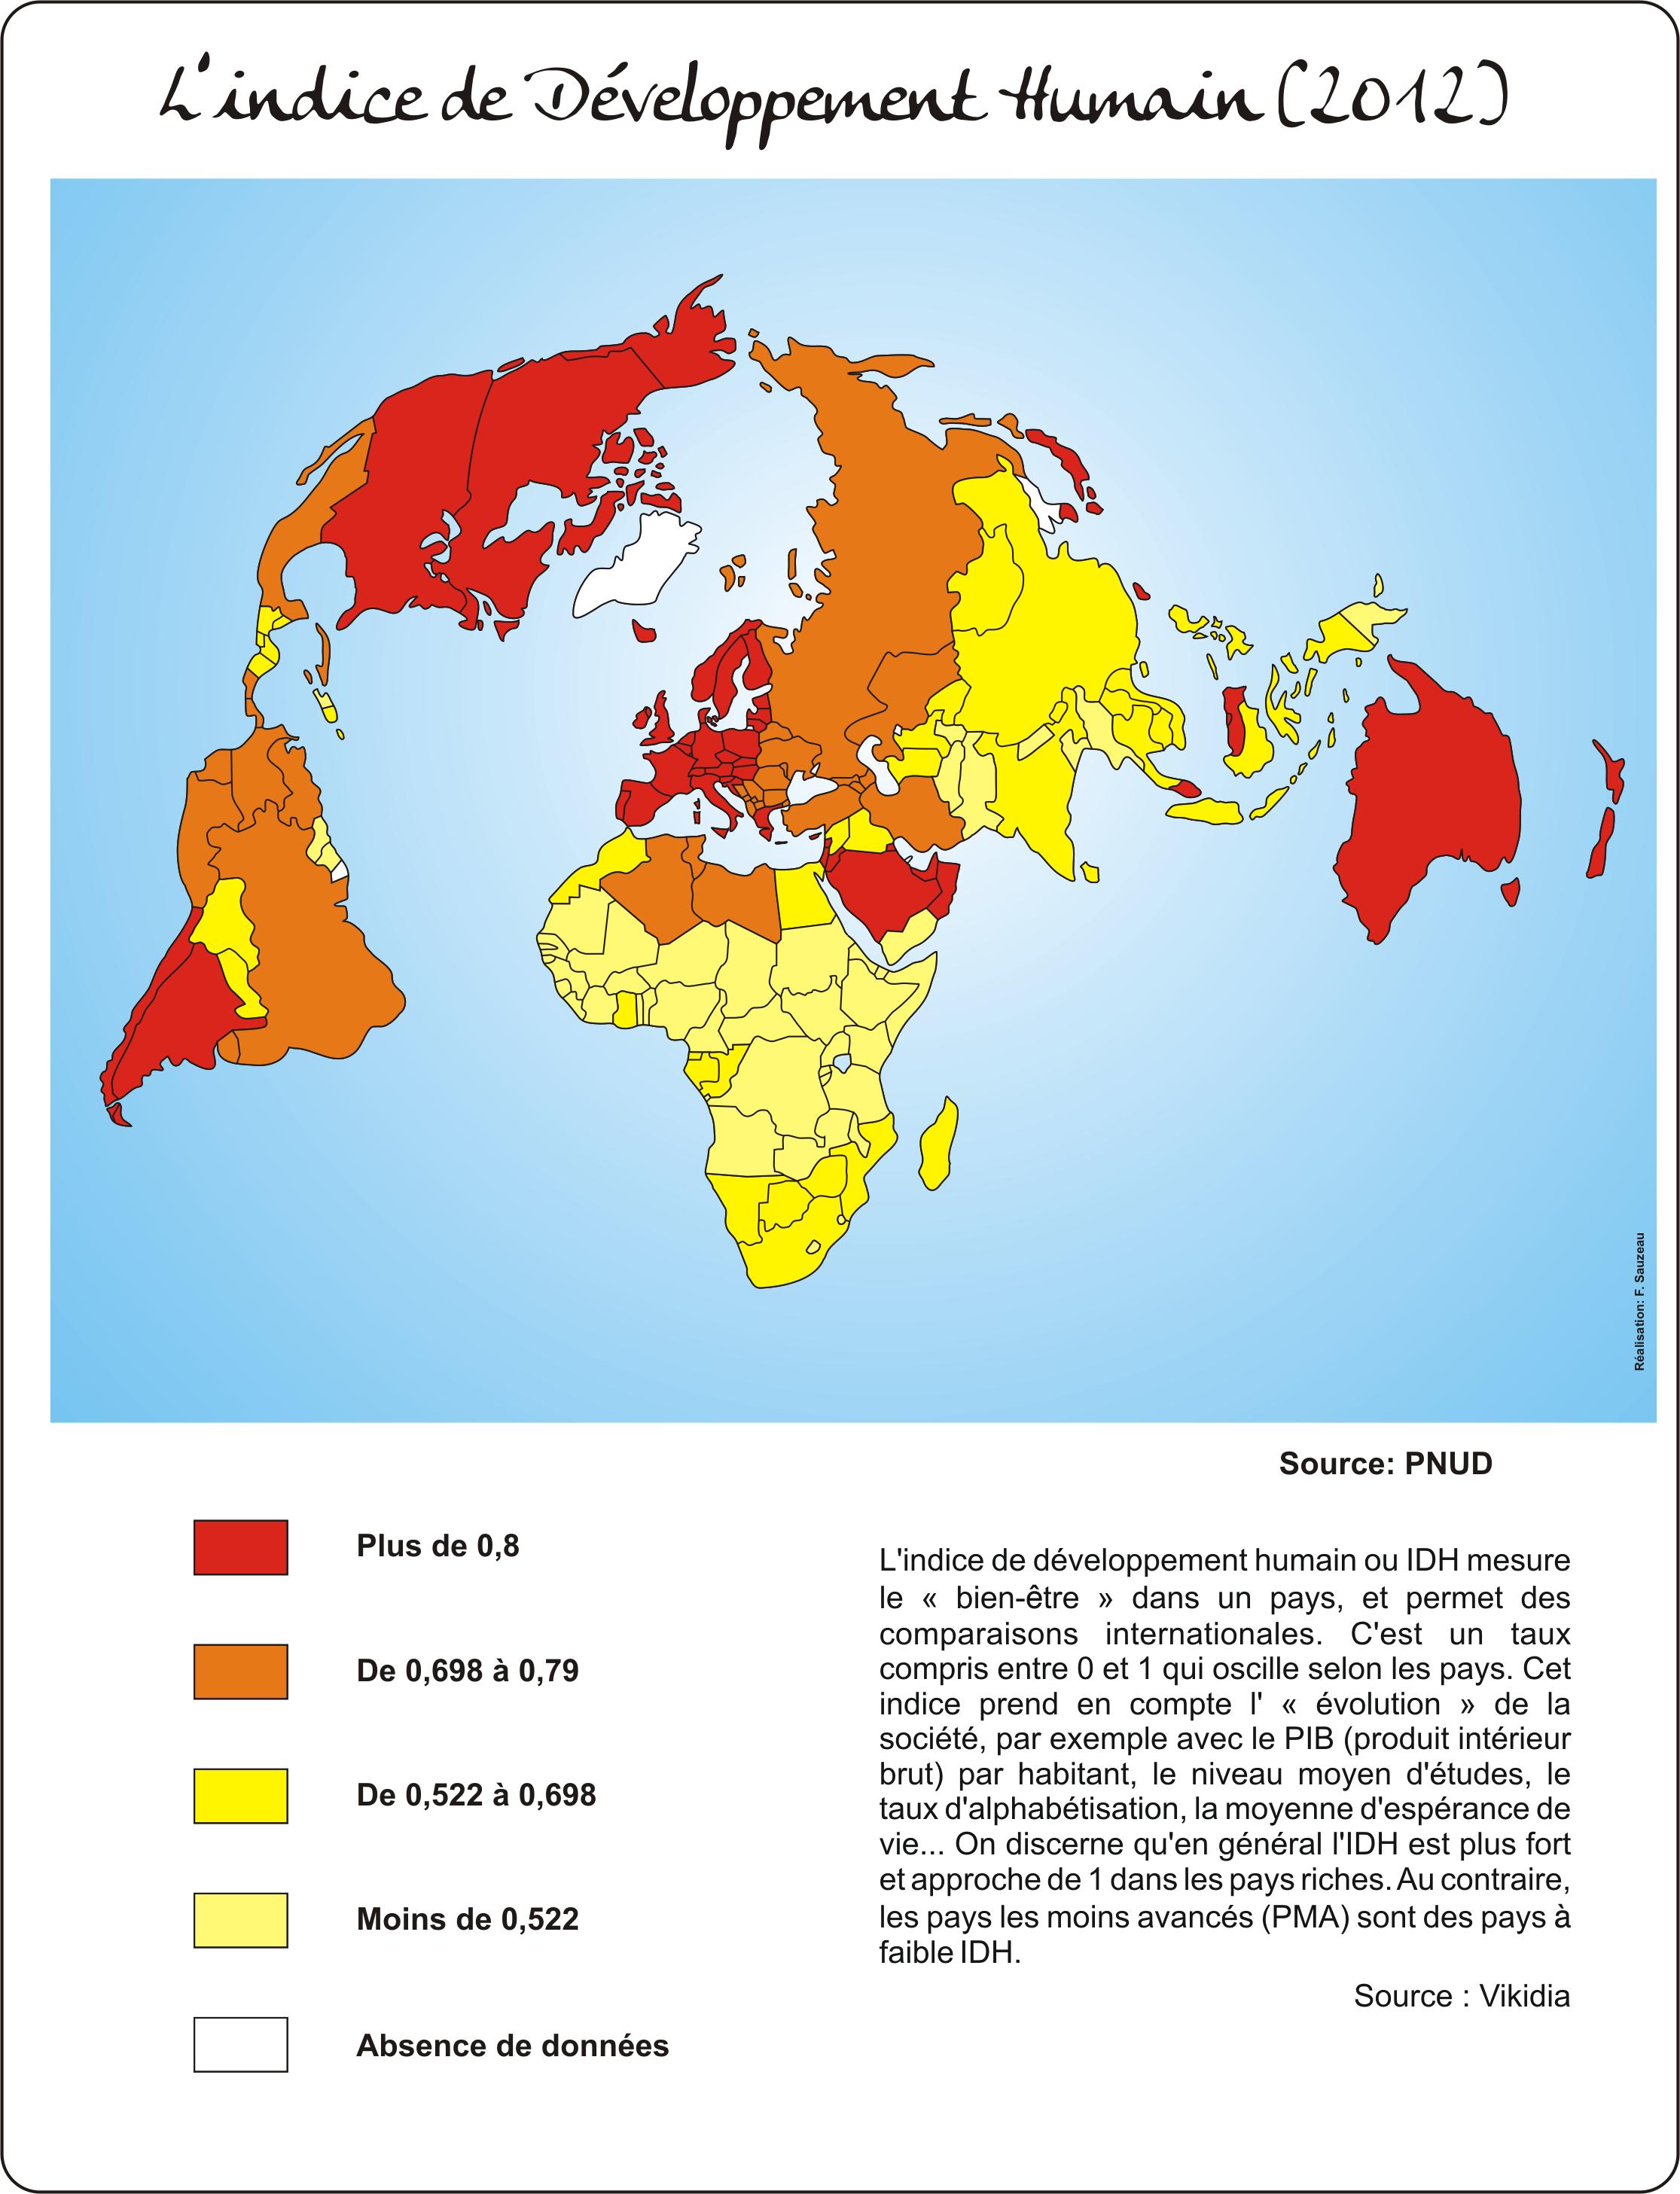 L'IDH dans le monde en 2012